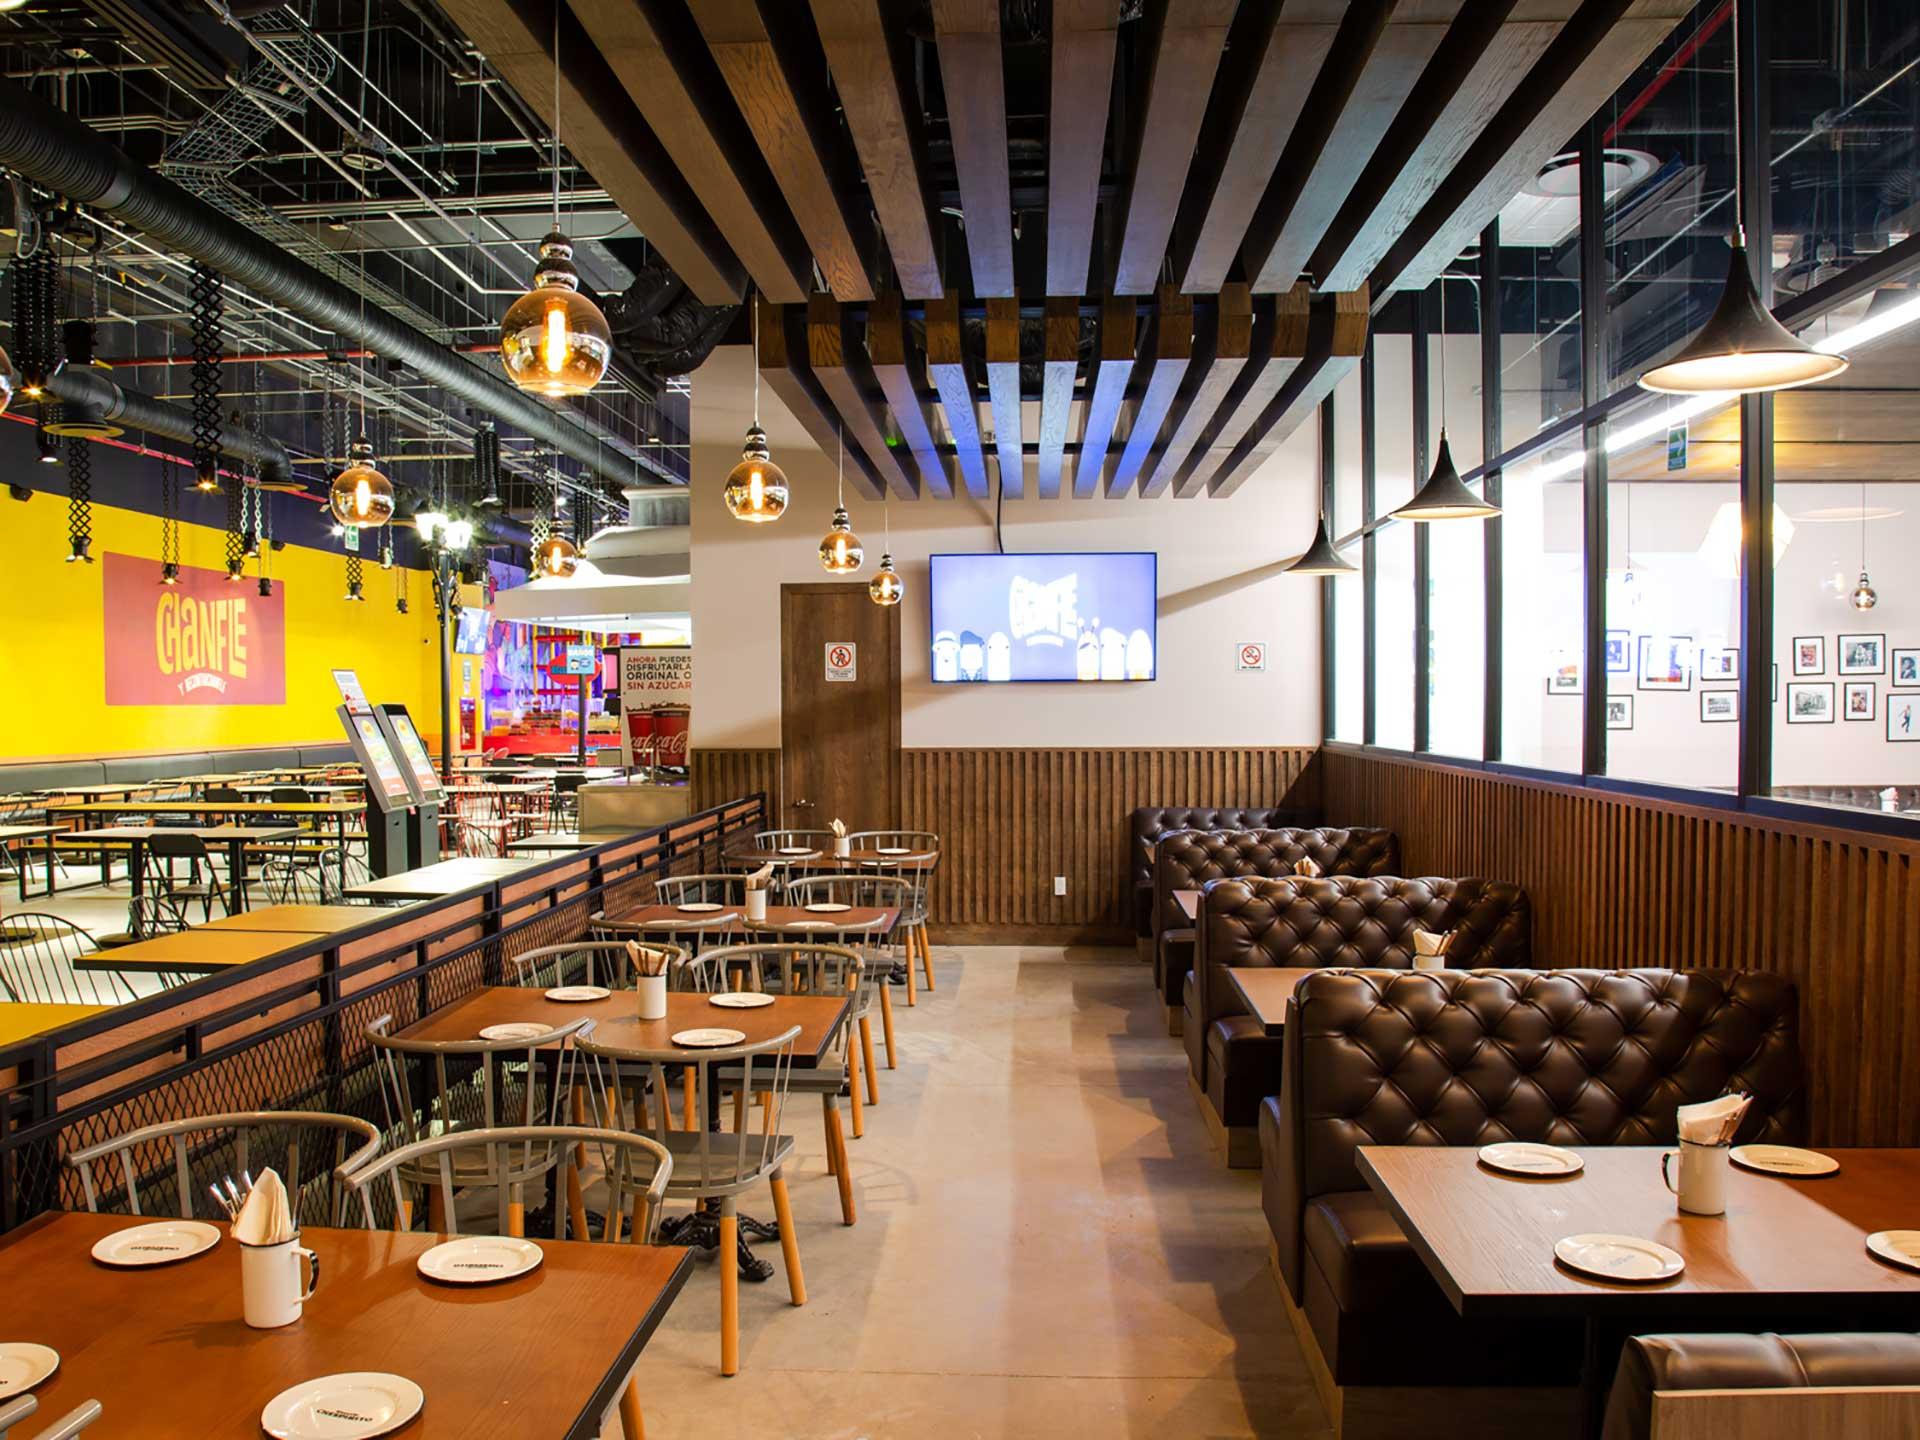 restaurante Chanfle y Recontrachanfle